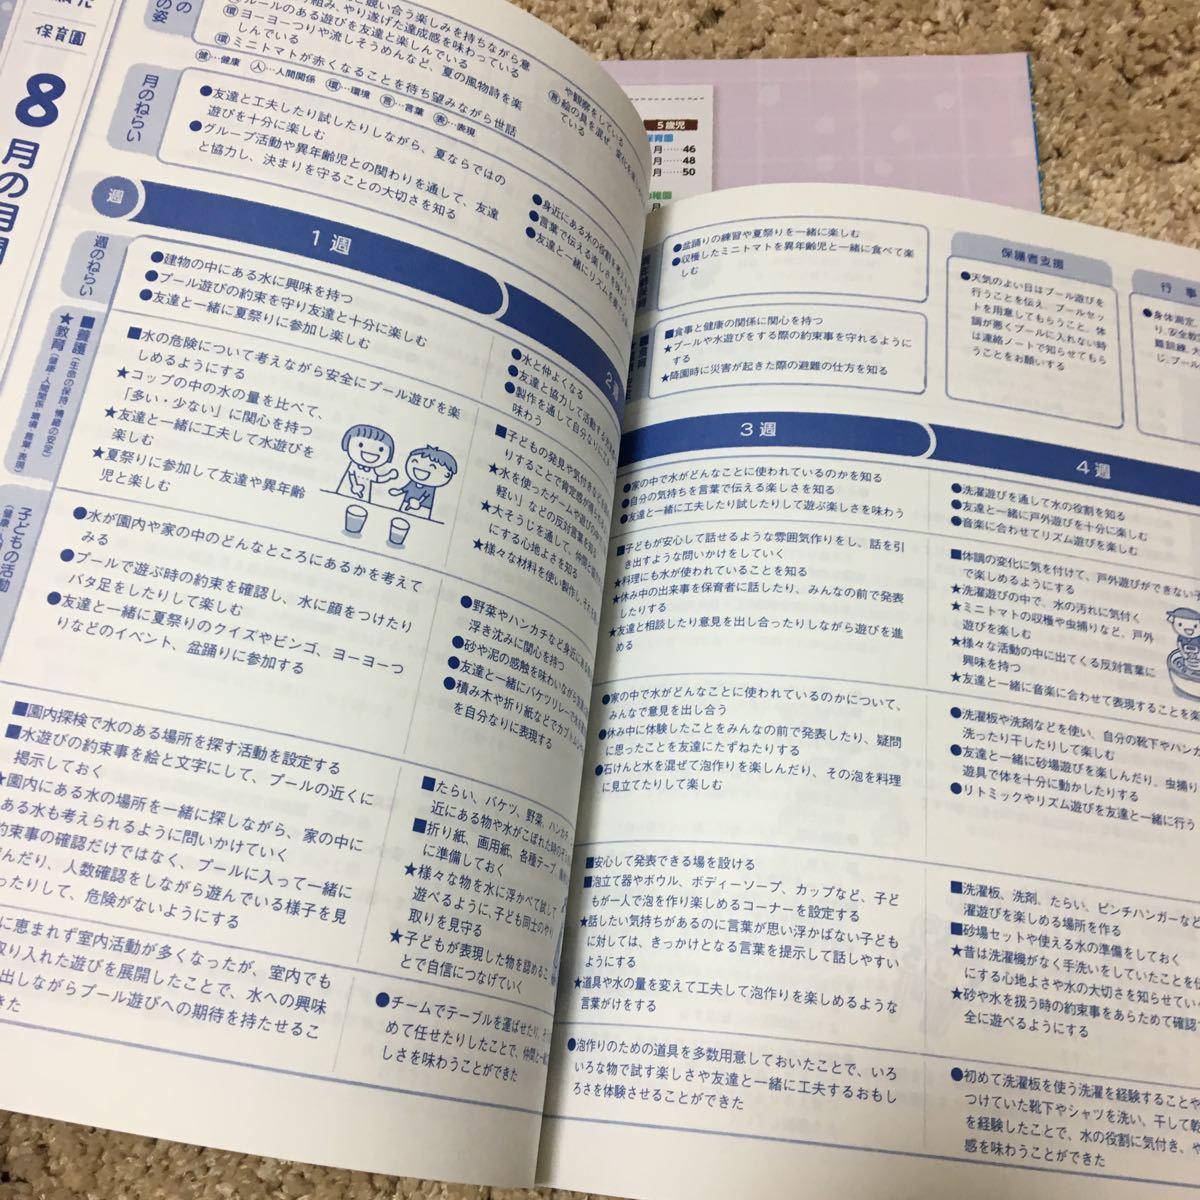 歳児 週 案 1 1歳児3月の月案・週案の文例